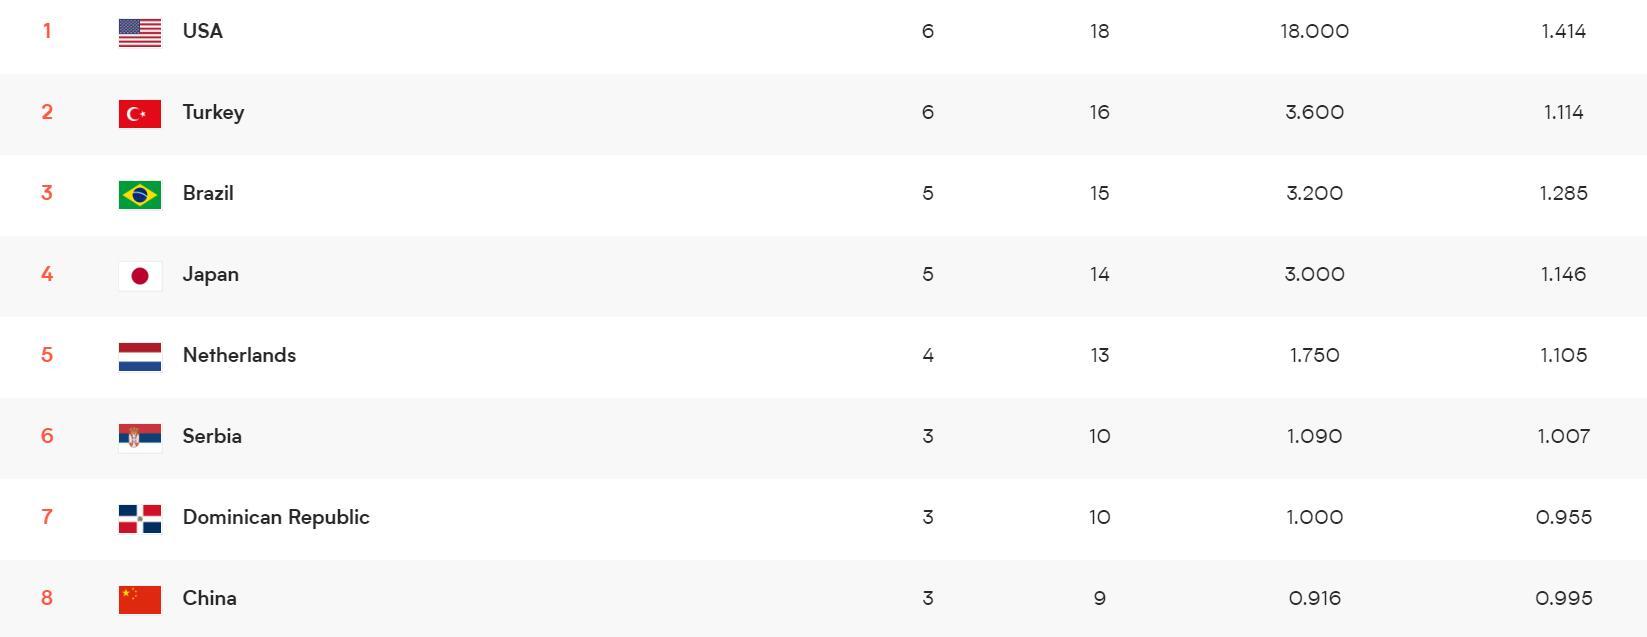 积分榜上,中国队目前仅排名第八位。